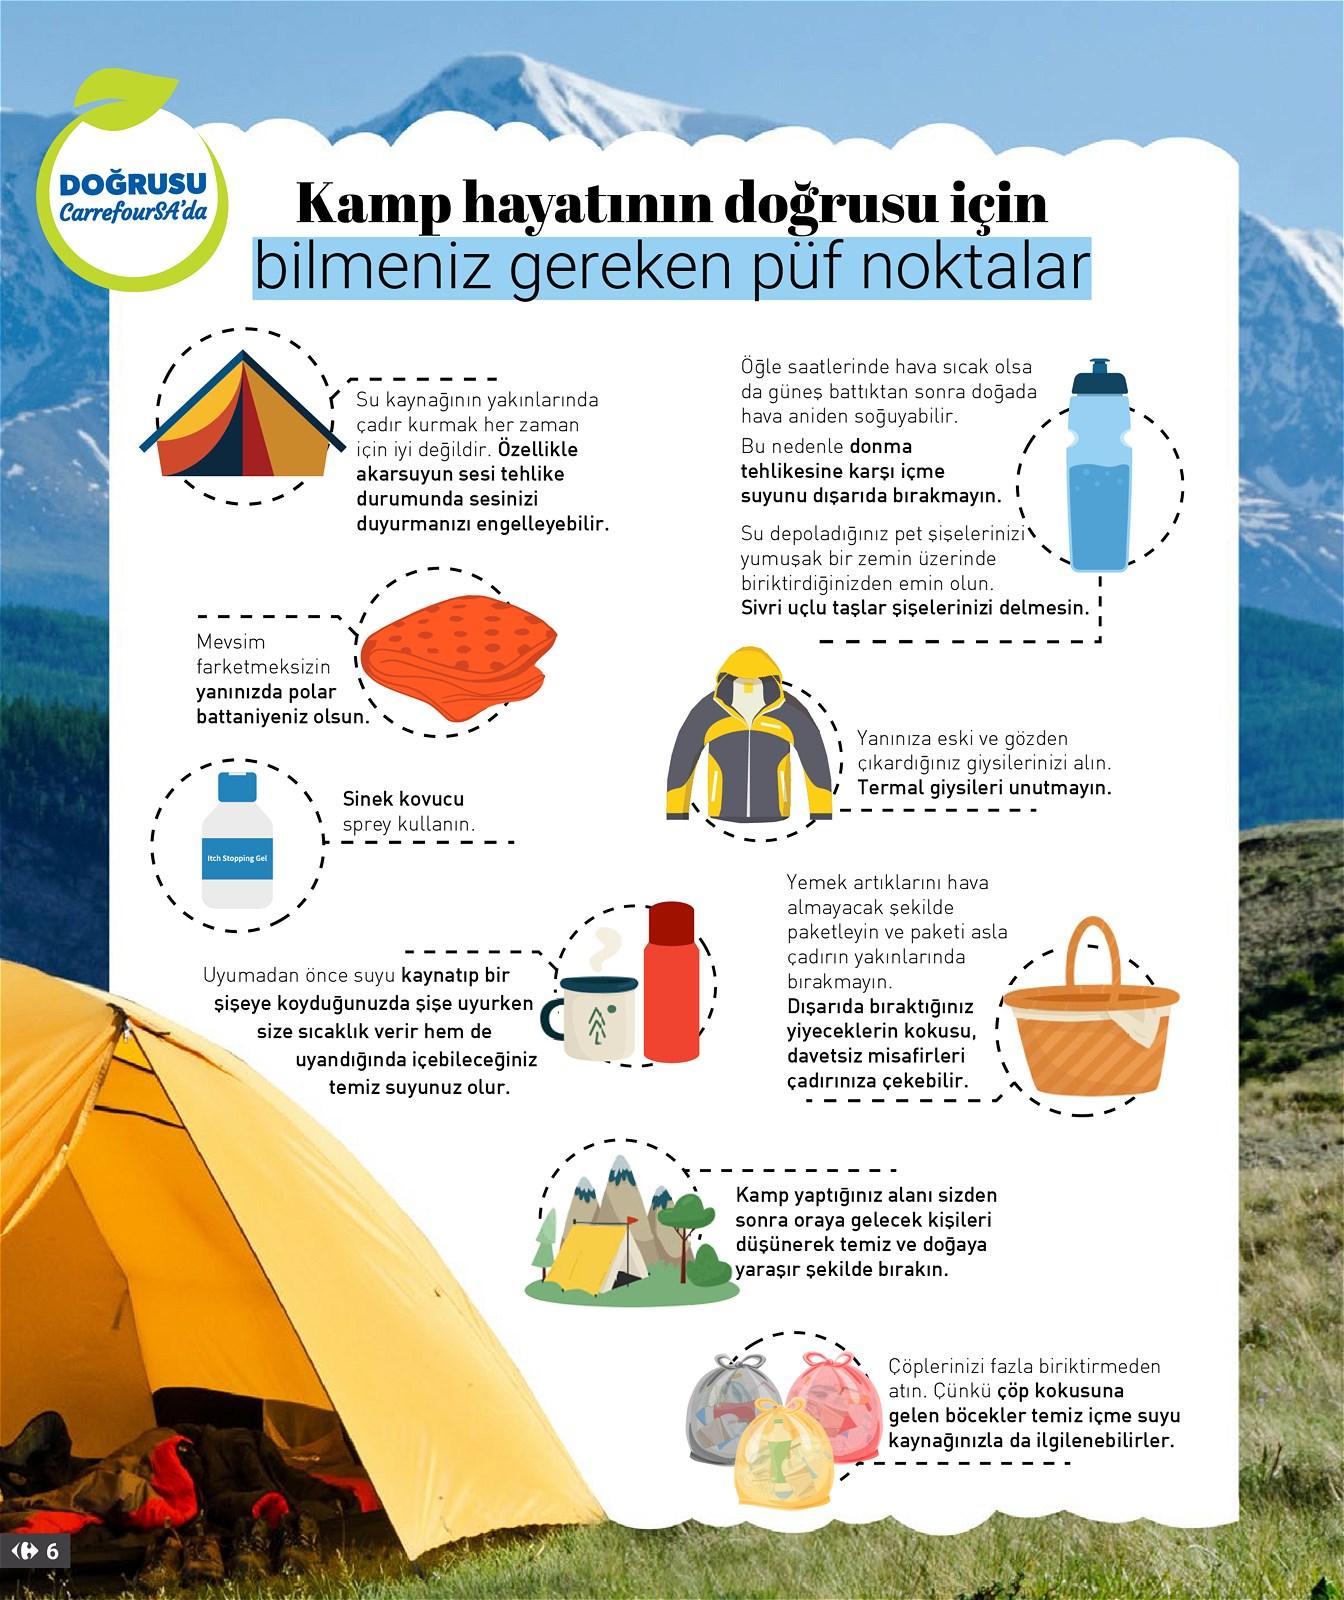 01.04.2021 CarrefourSA broşürü 6. sayfa